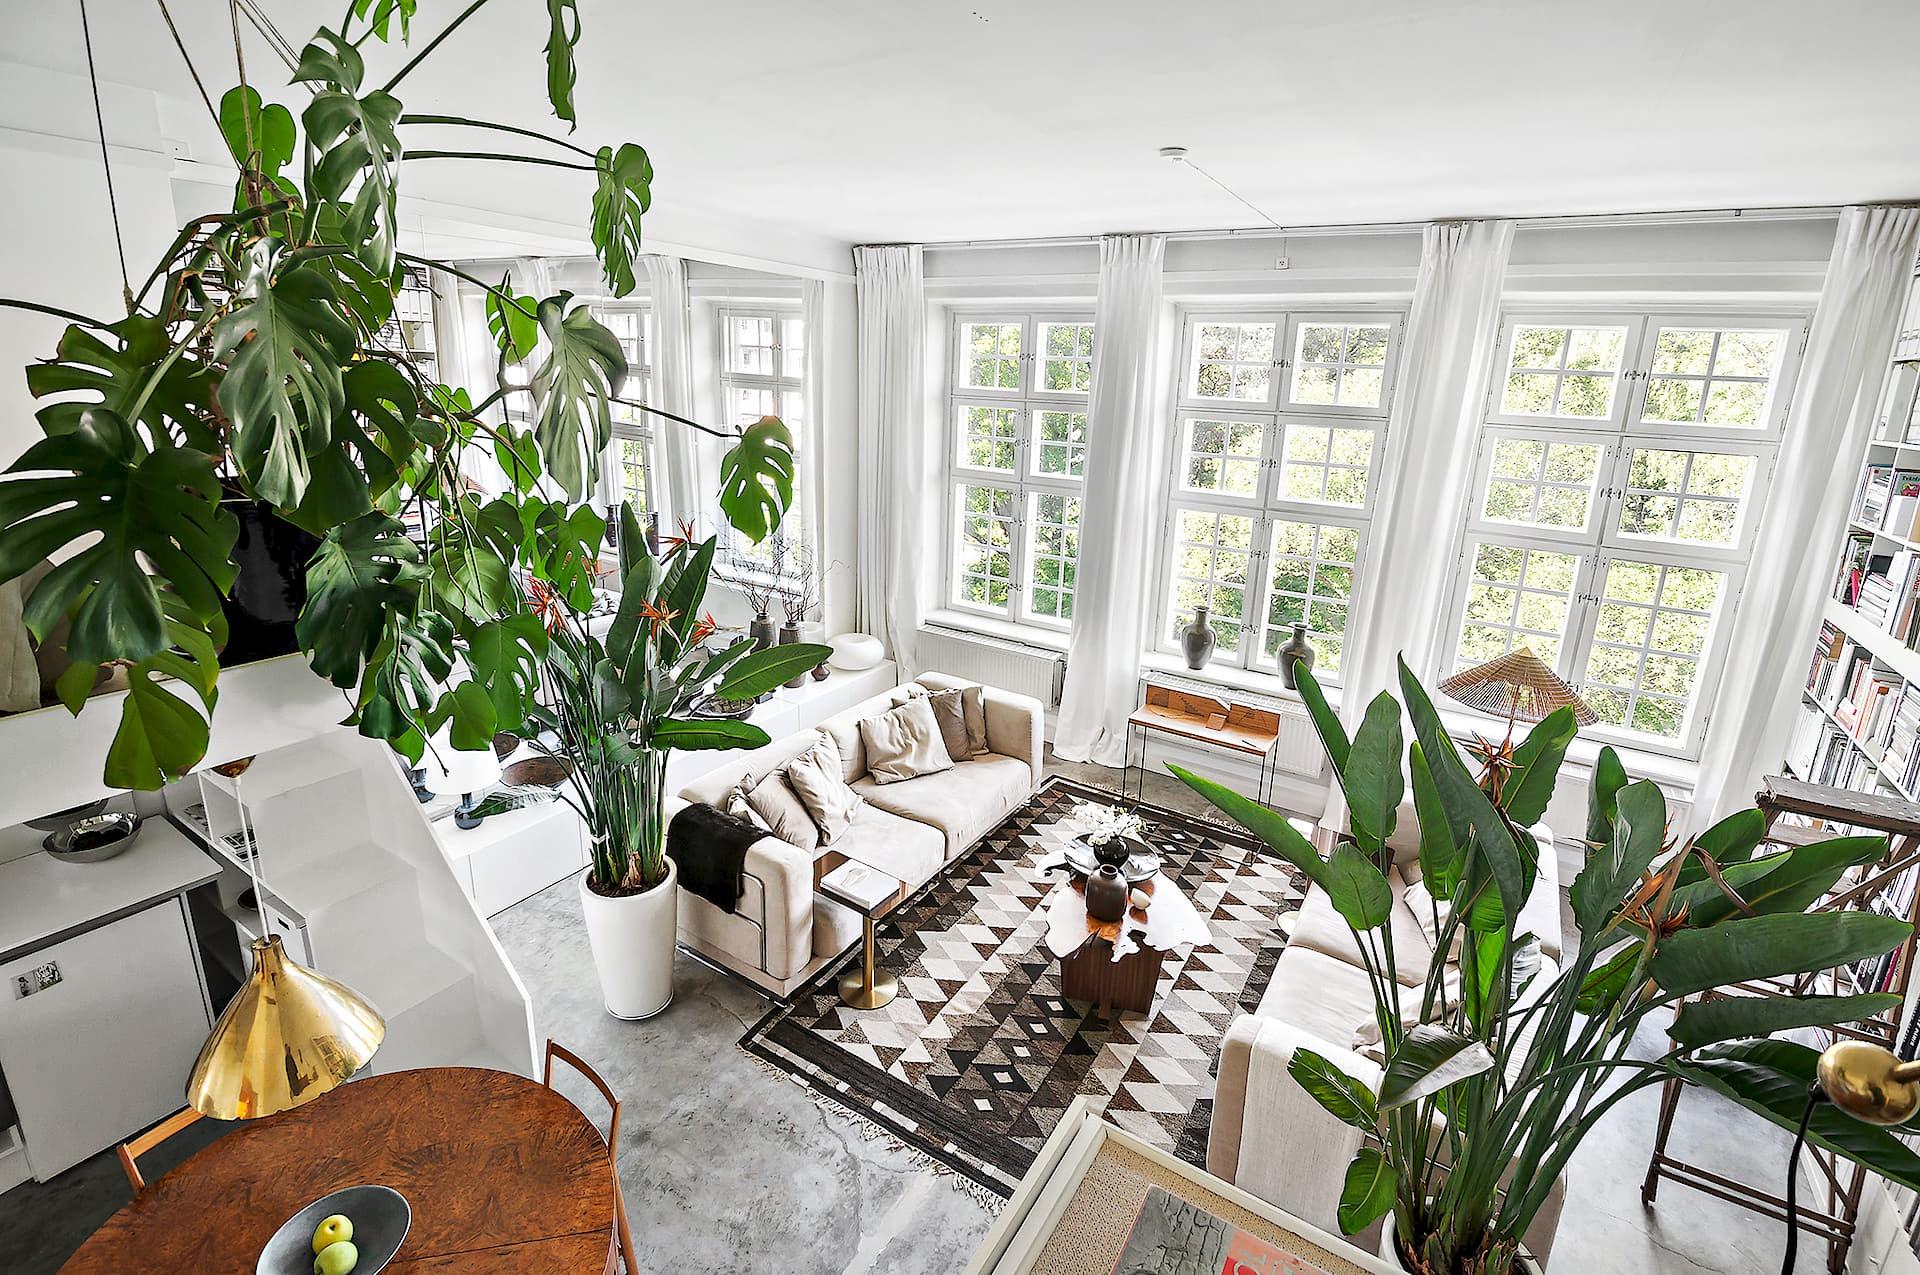 гостиная окна цветы мебель